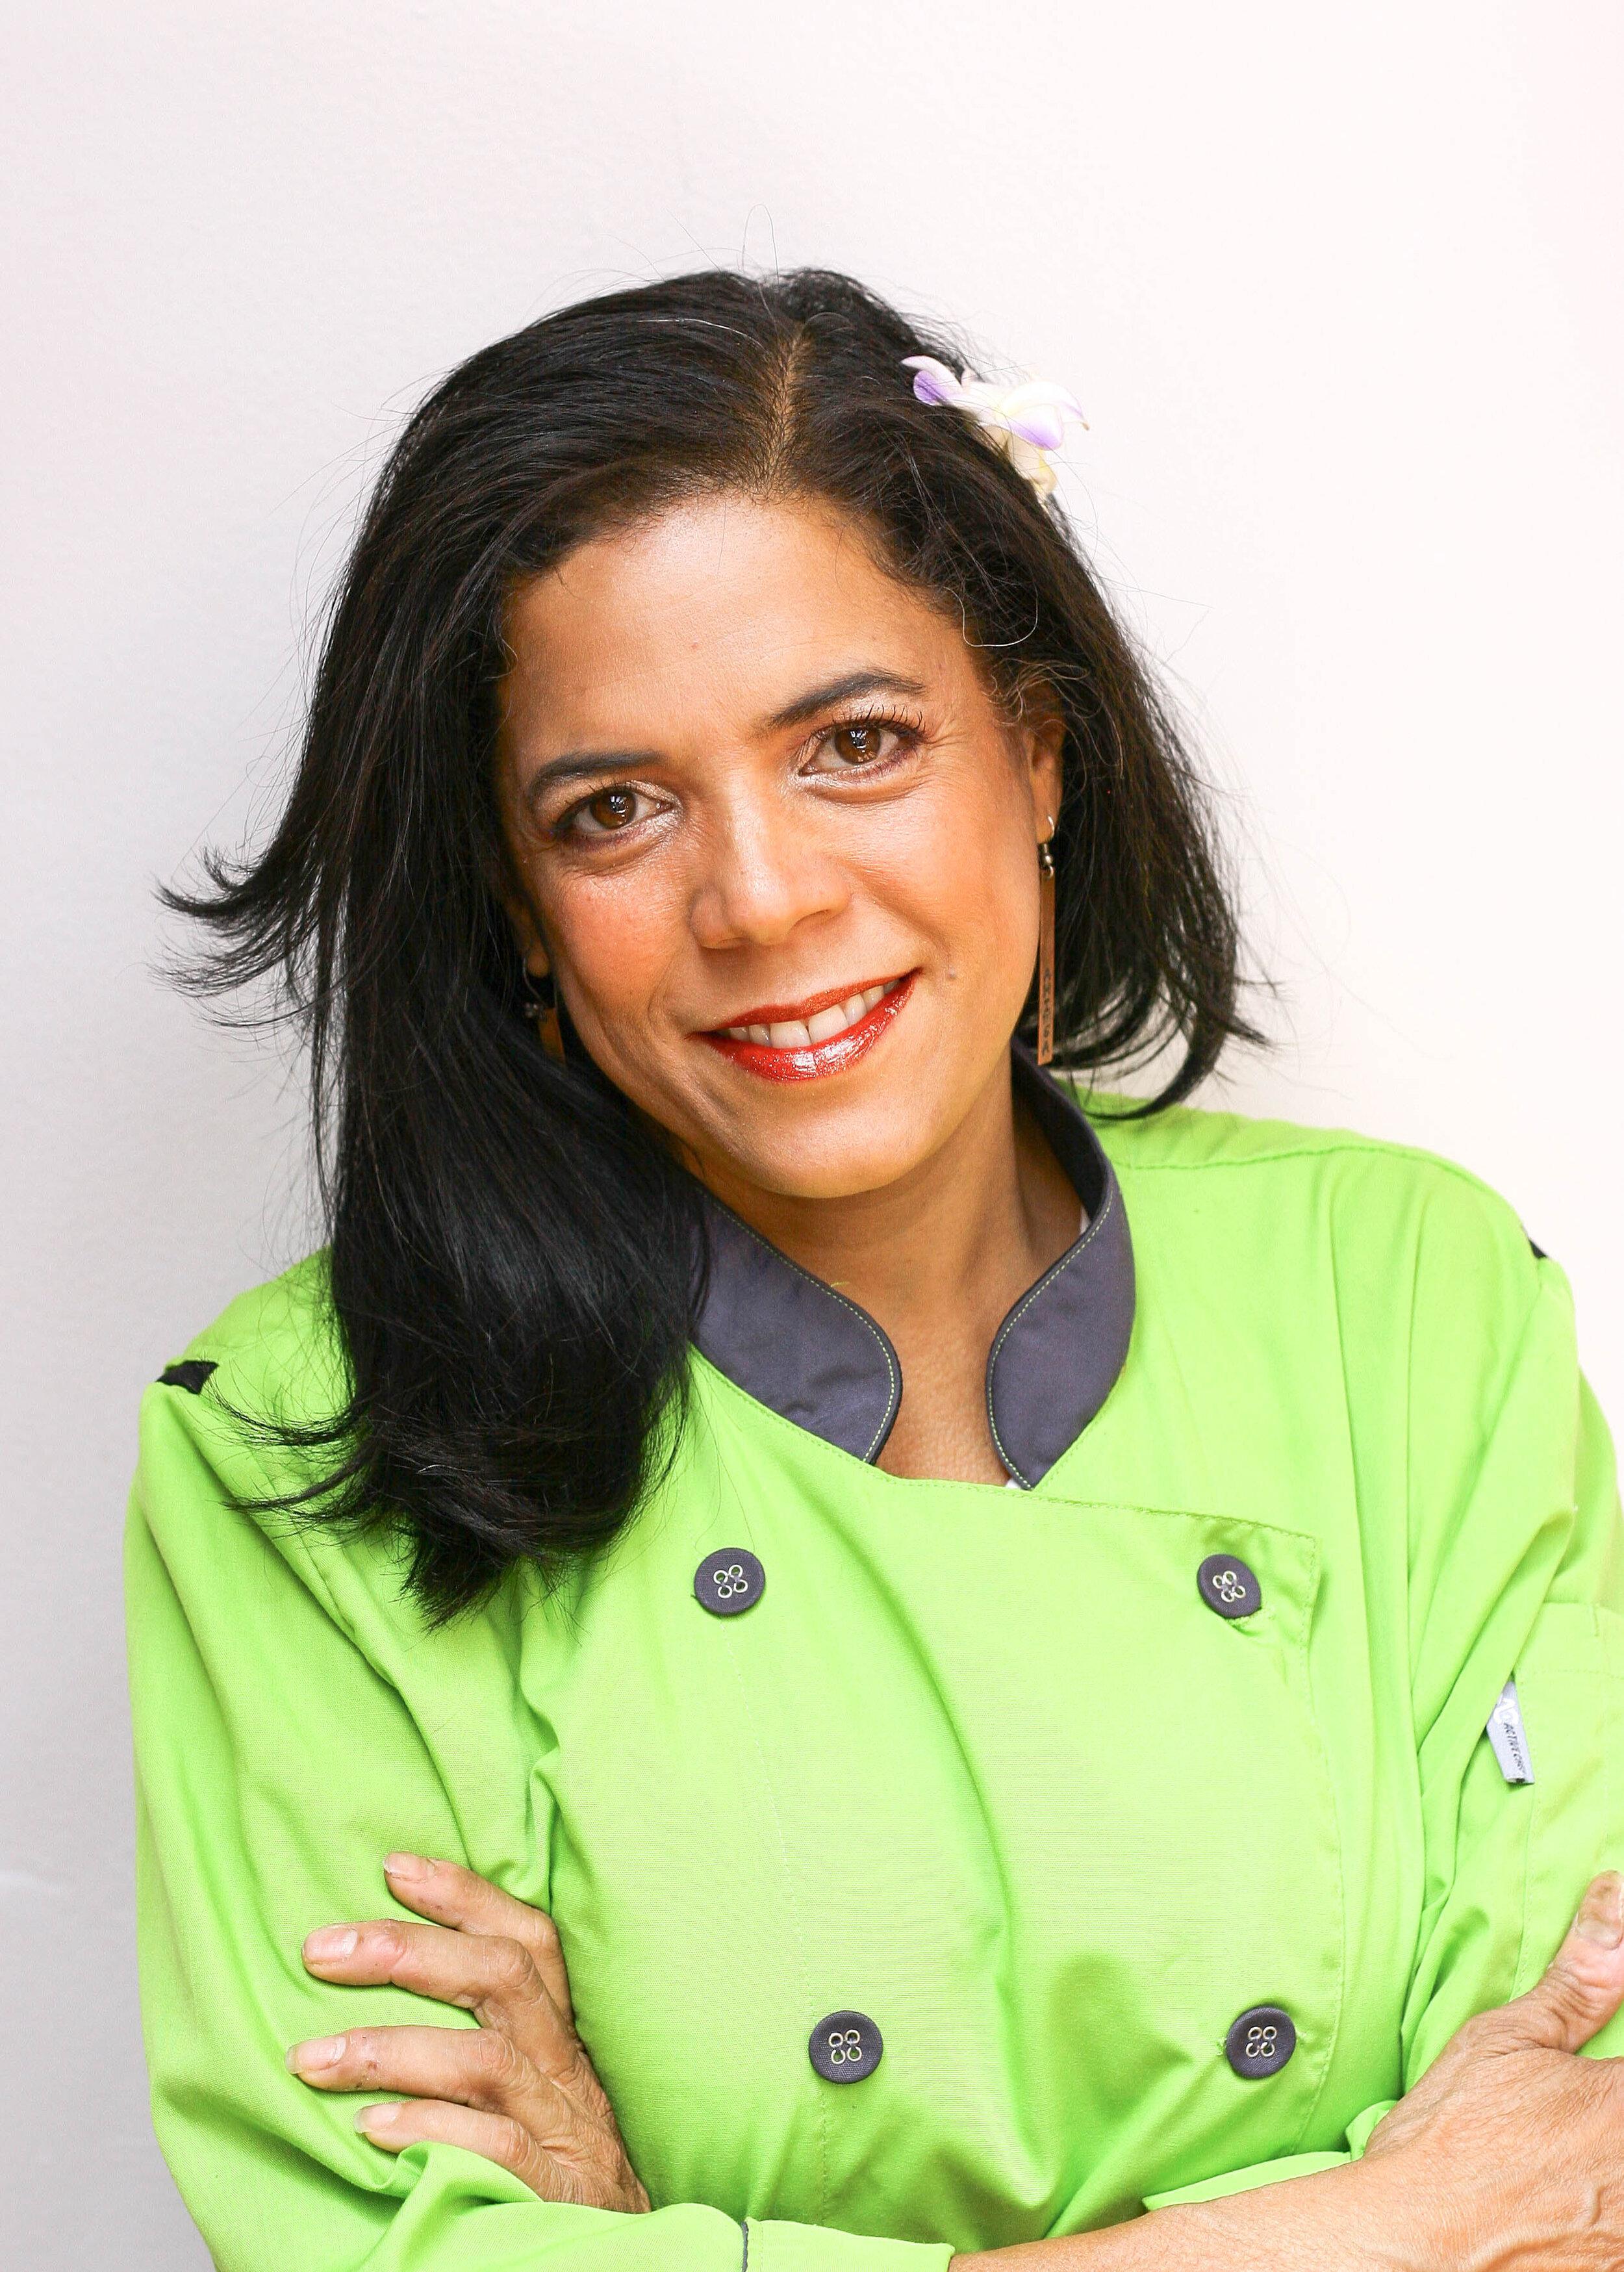 Mariela Rodriguez - Private Chef